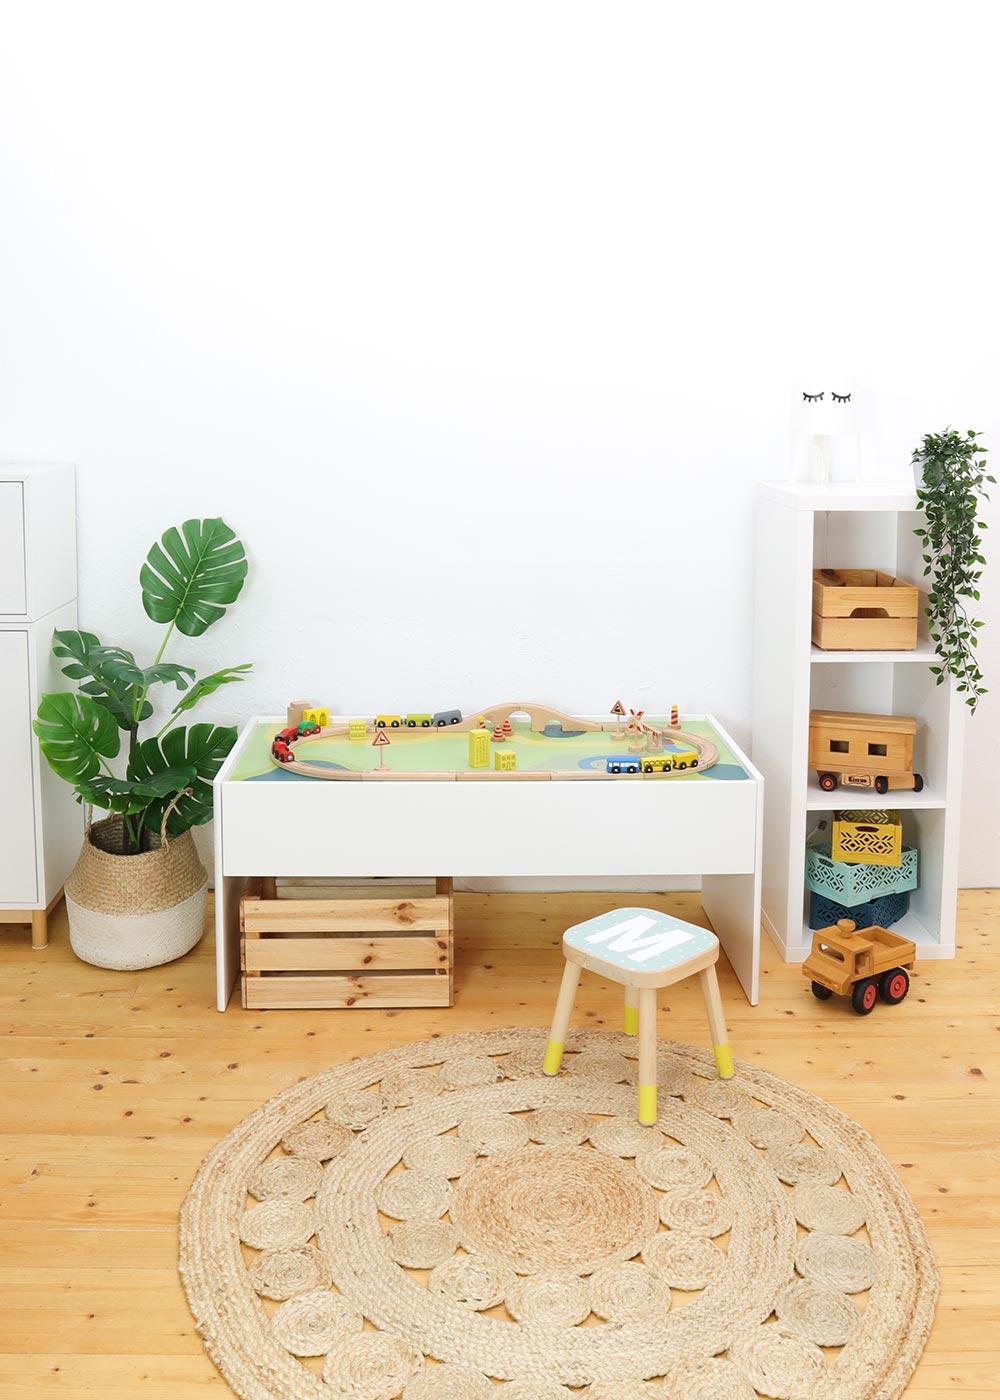 Ikea Dundra Spieltisch Spielwiese Frontansicht